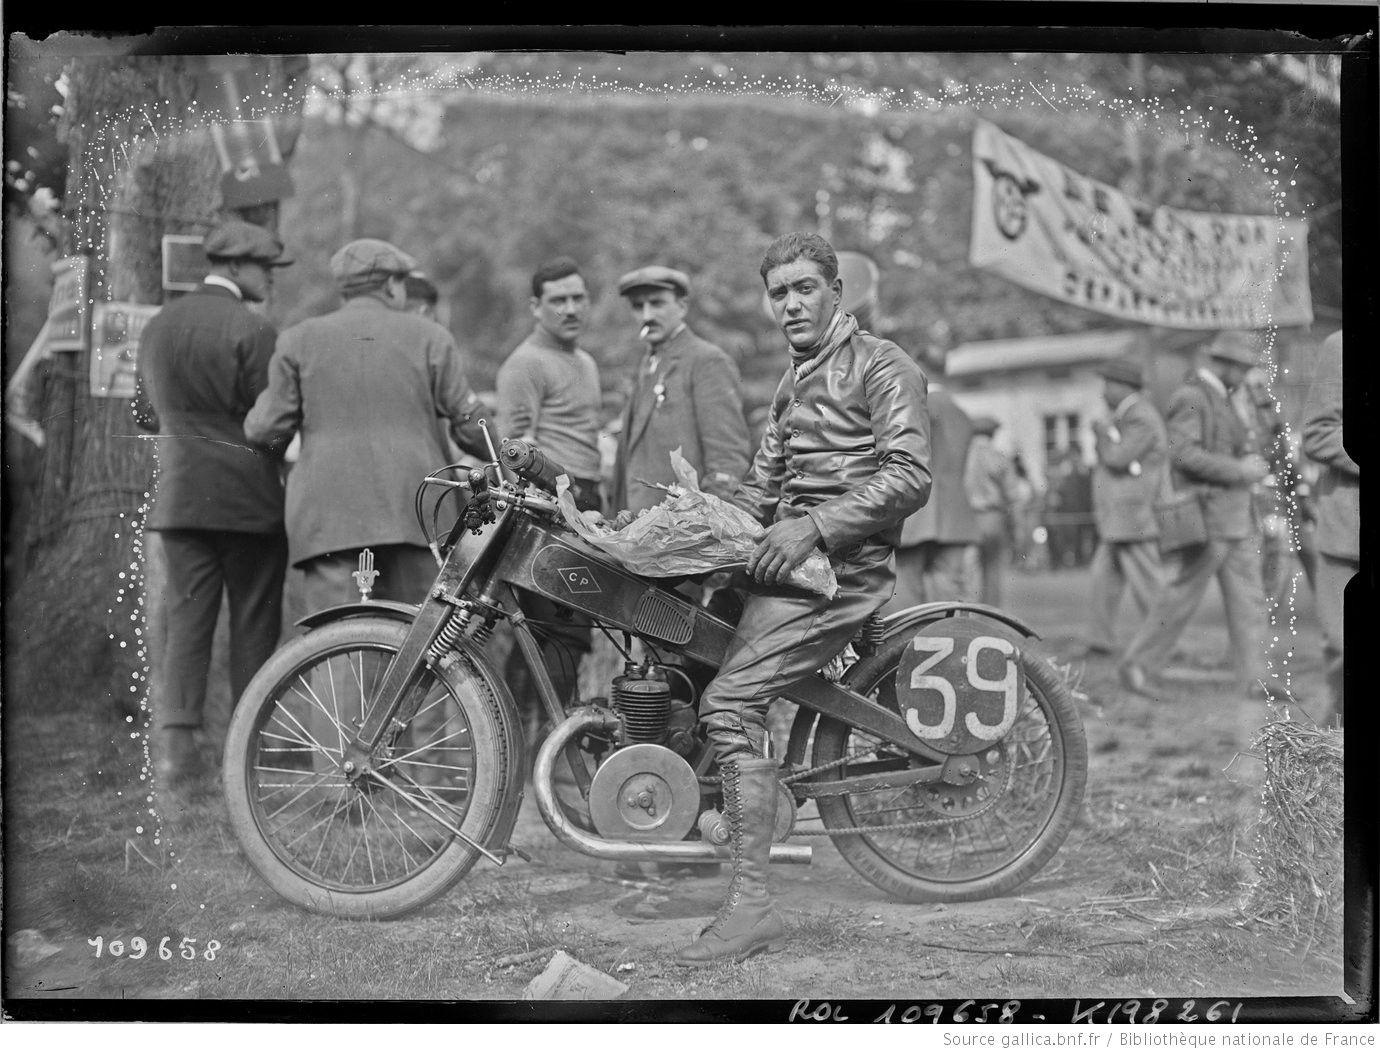 motos photos d'époque - Page 3 F1